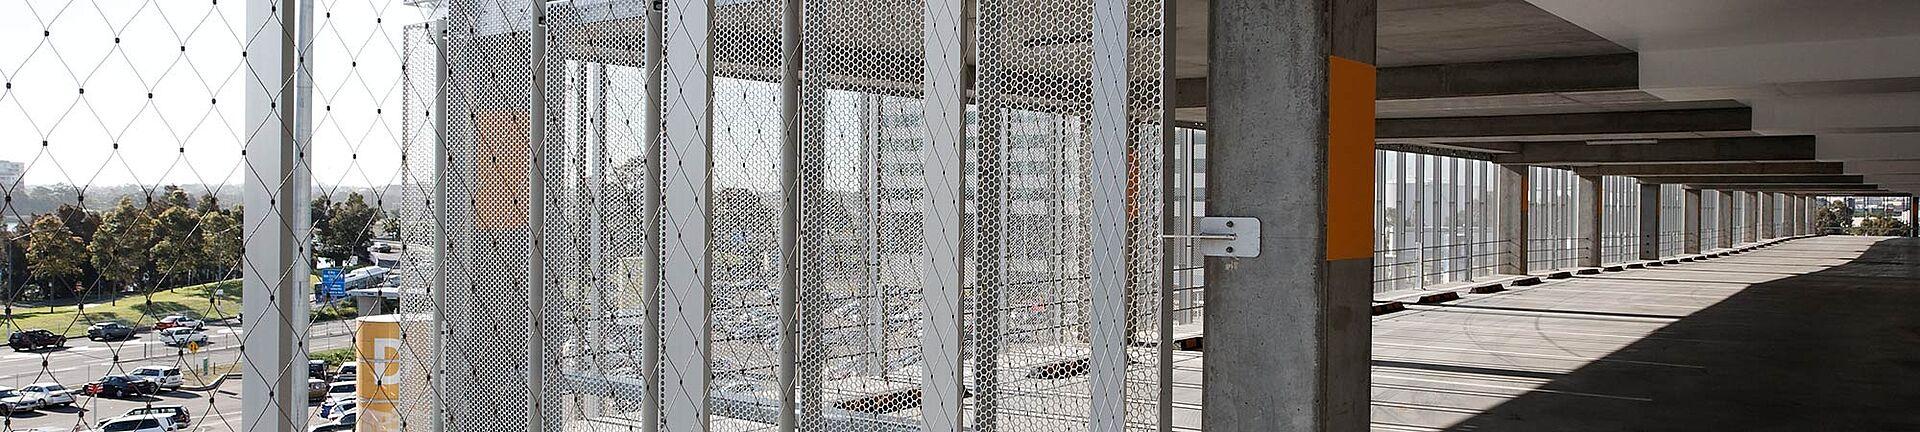 Parkhaus Absturzsicherung Netz X-TEND Edelstahl-Seilnetz